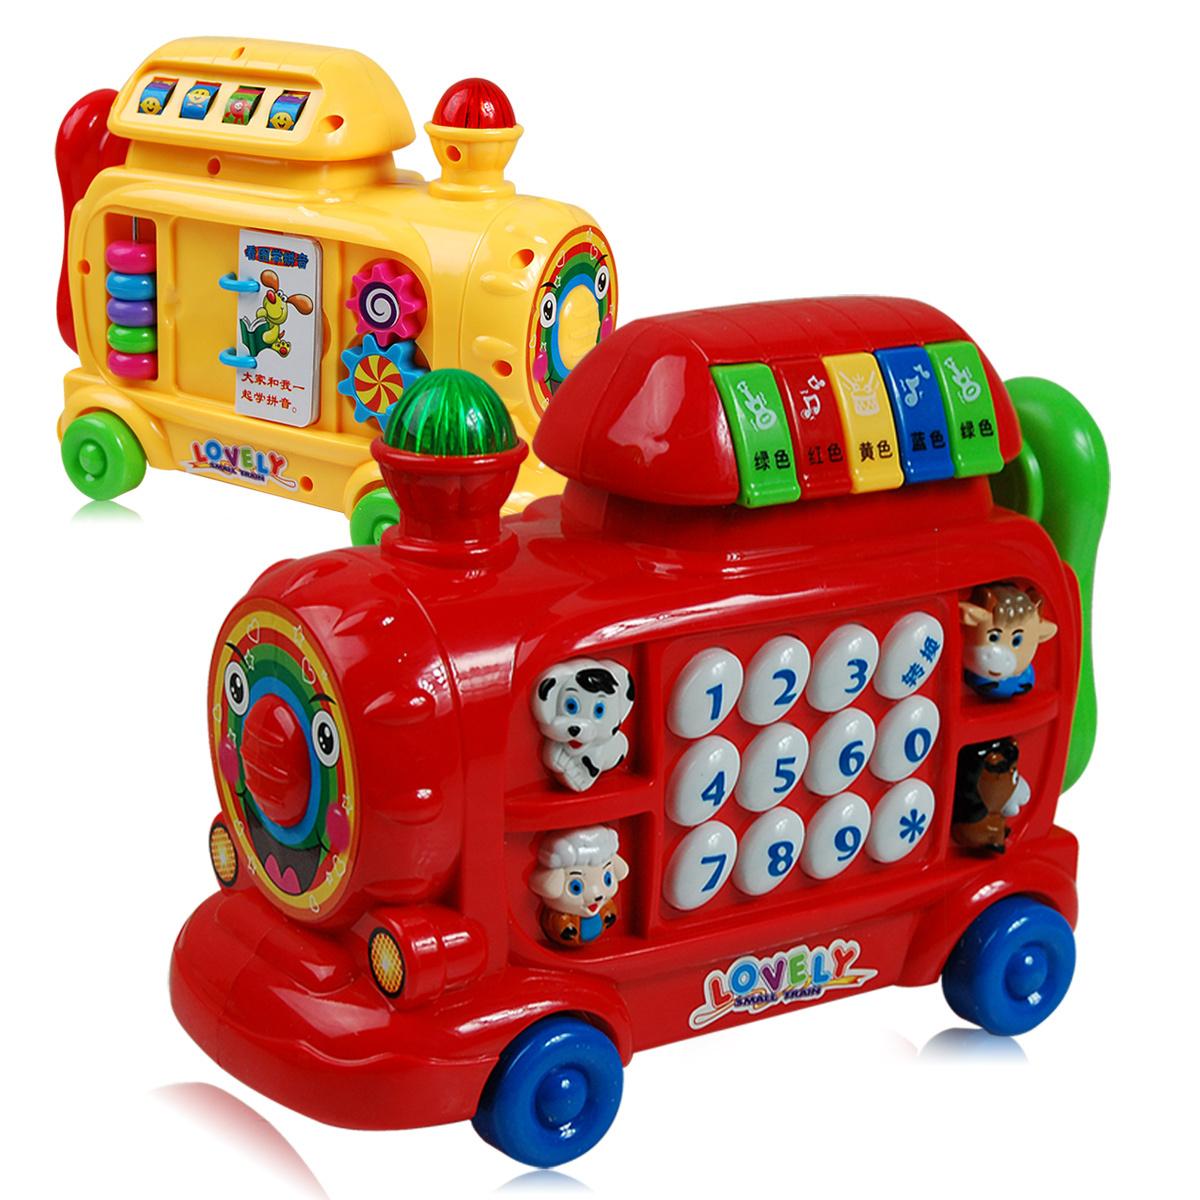 Yakuchinone music train cartoon telephone toy car multifunctional car phone music toy(China (Mainland))